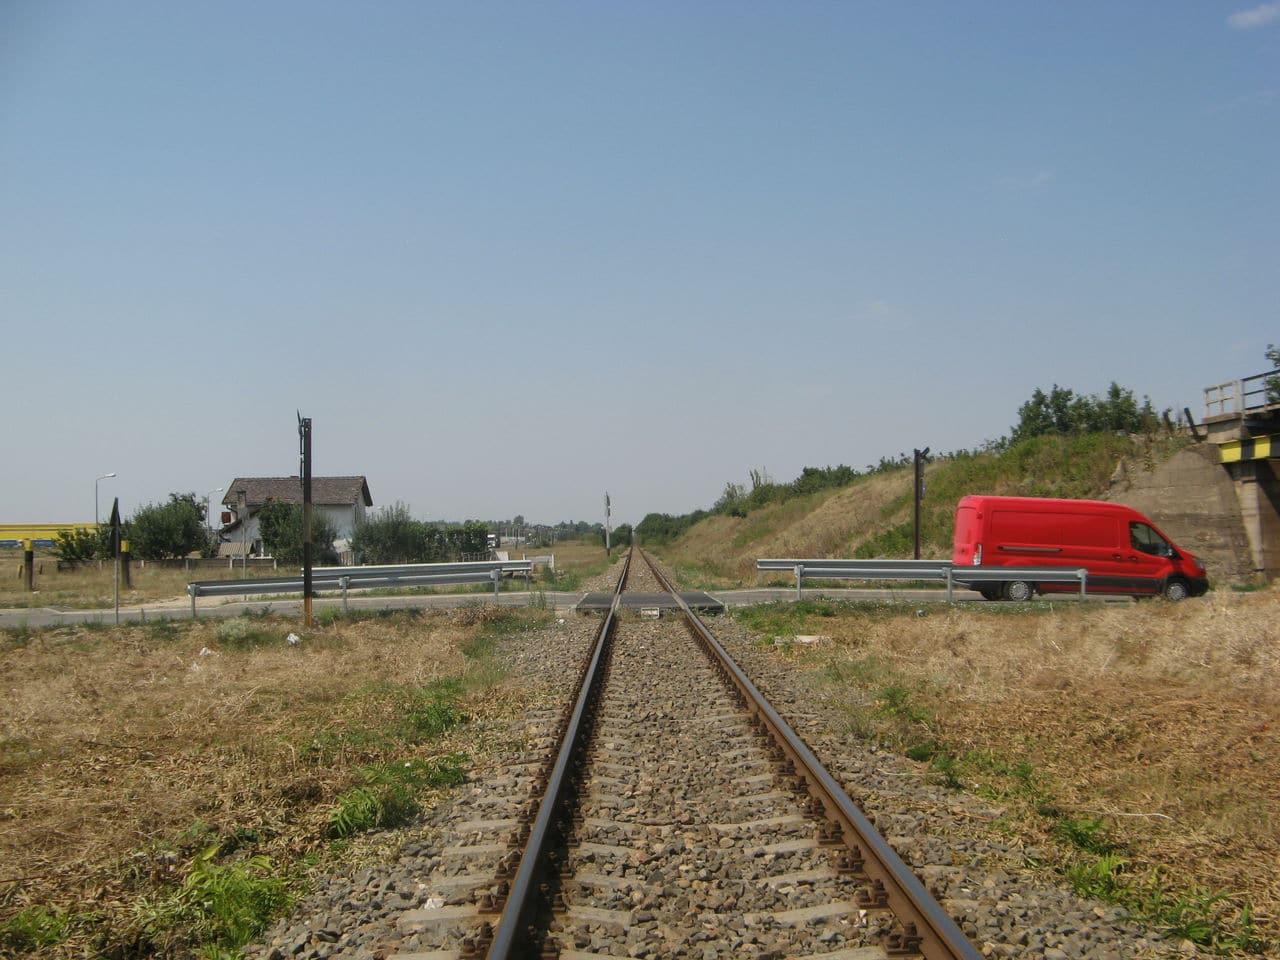 Calea ferată directă Oradea Vest - Episcopia Bihor IMG_0058